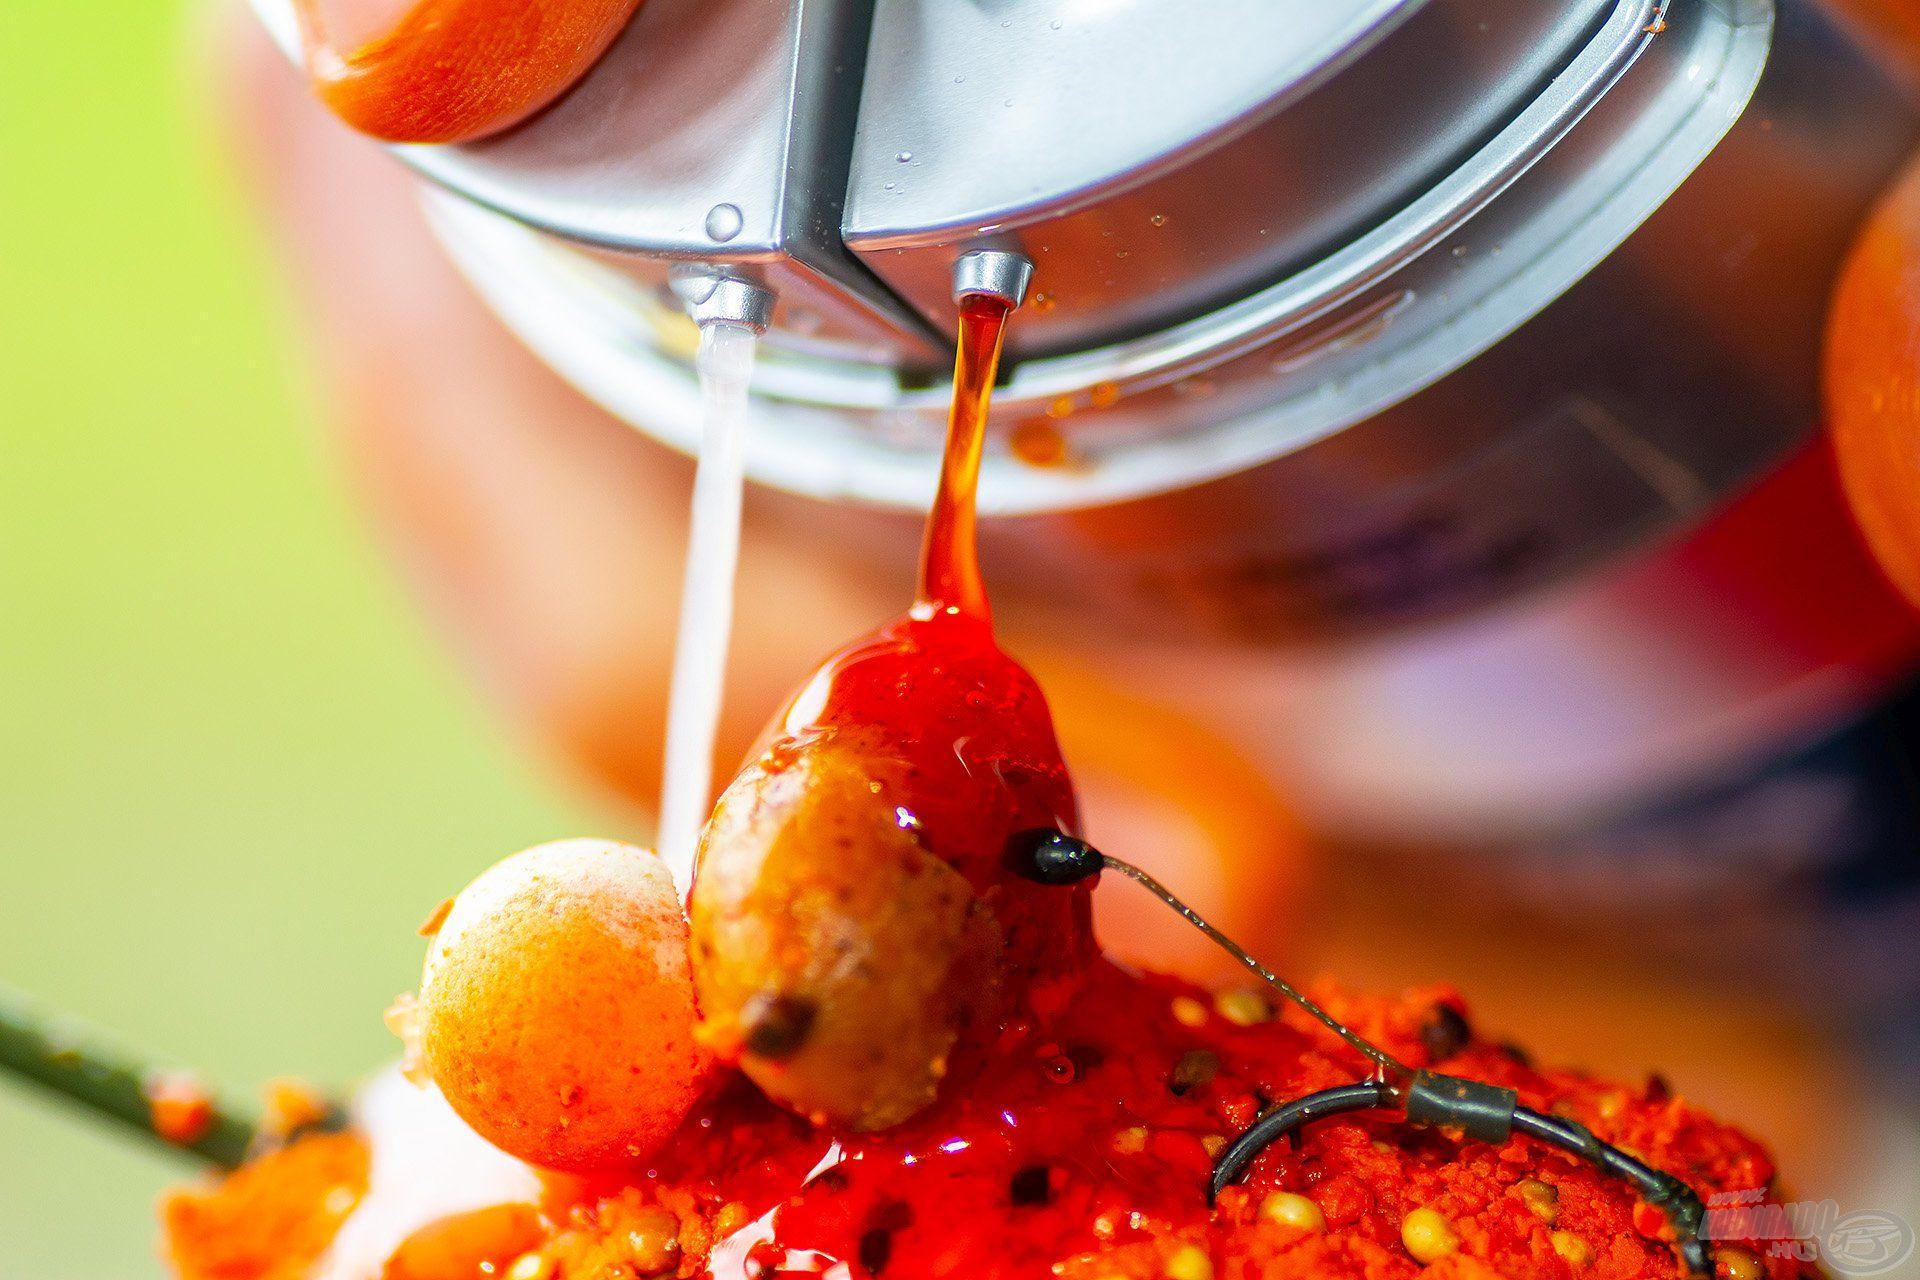 Rendkívül intenzív, jellegzetes íze és aromája a vajsavnak köszönhető, azonban ezt az orrfacsaró vonalat a mangó kellemesen édes gyümölcsössége kiválóan kiegészíti. A nyári vizekben imádják az amurok és a pontyok!